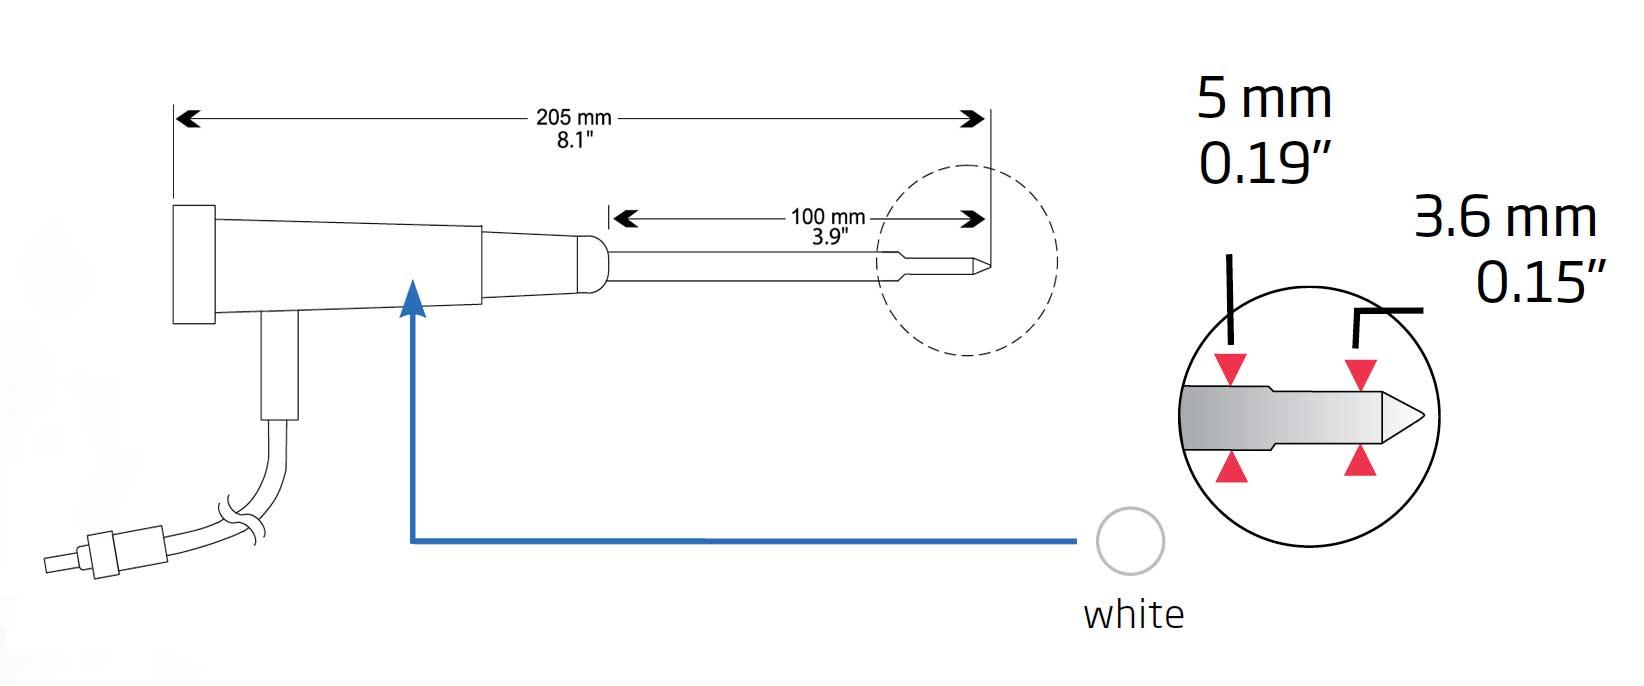 HI765PWL temperature probe